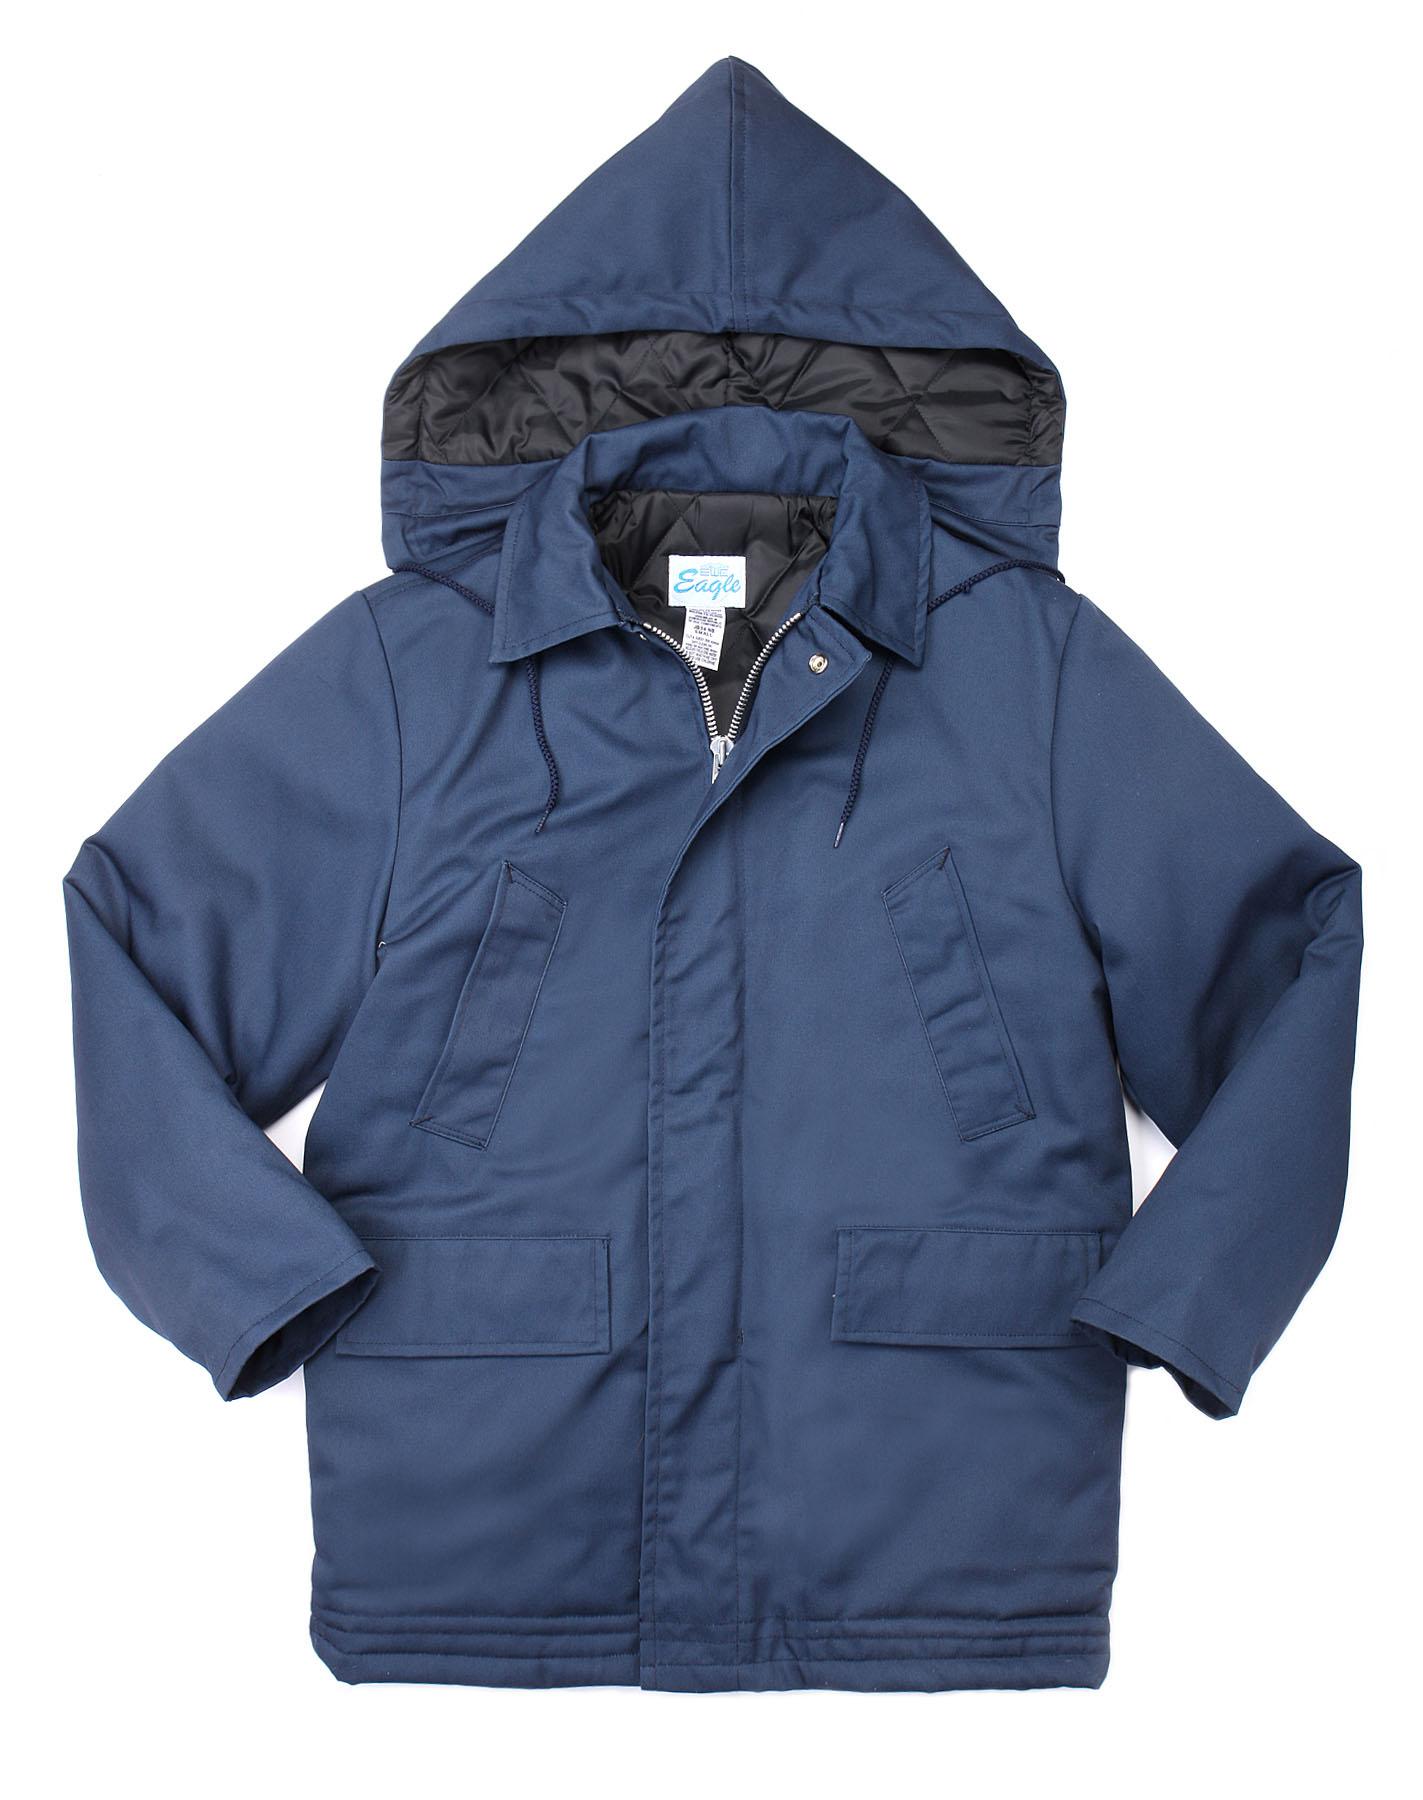 65/35 Men's Parka Jacket w/ Detachable Hood-Pinnacle WorX